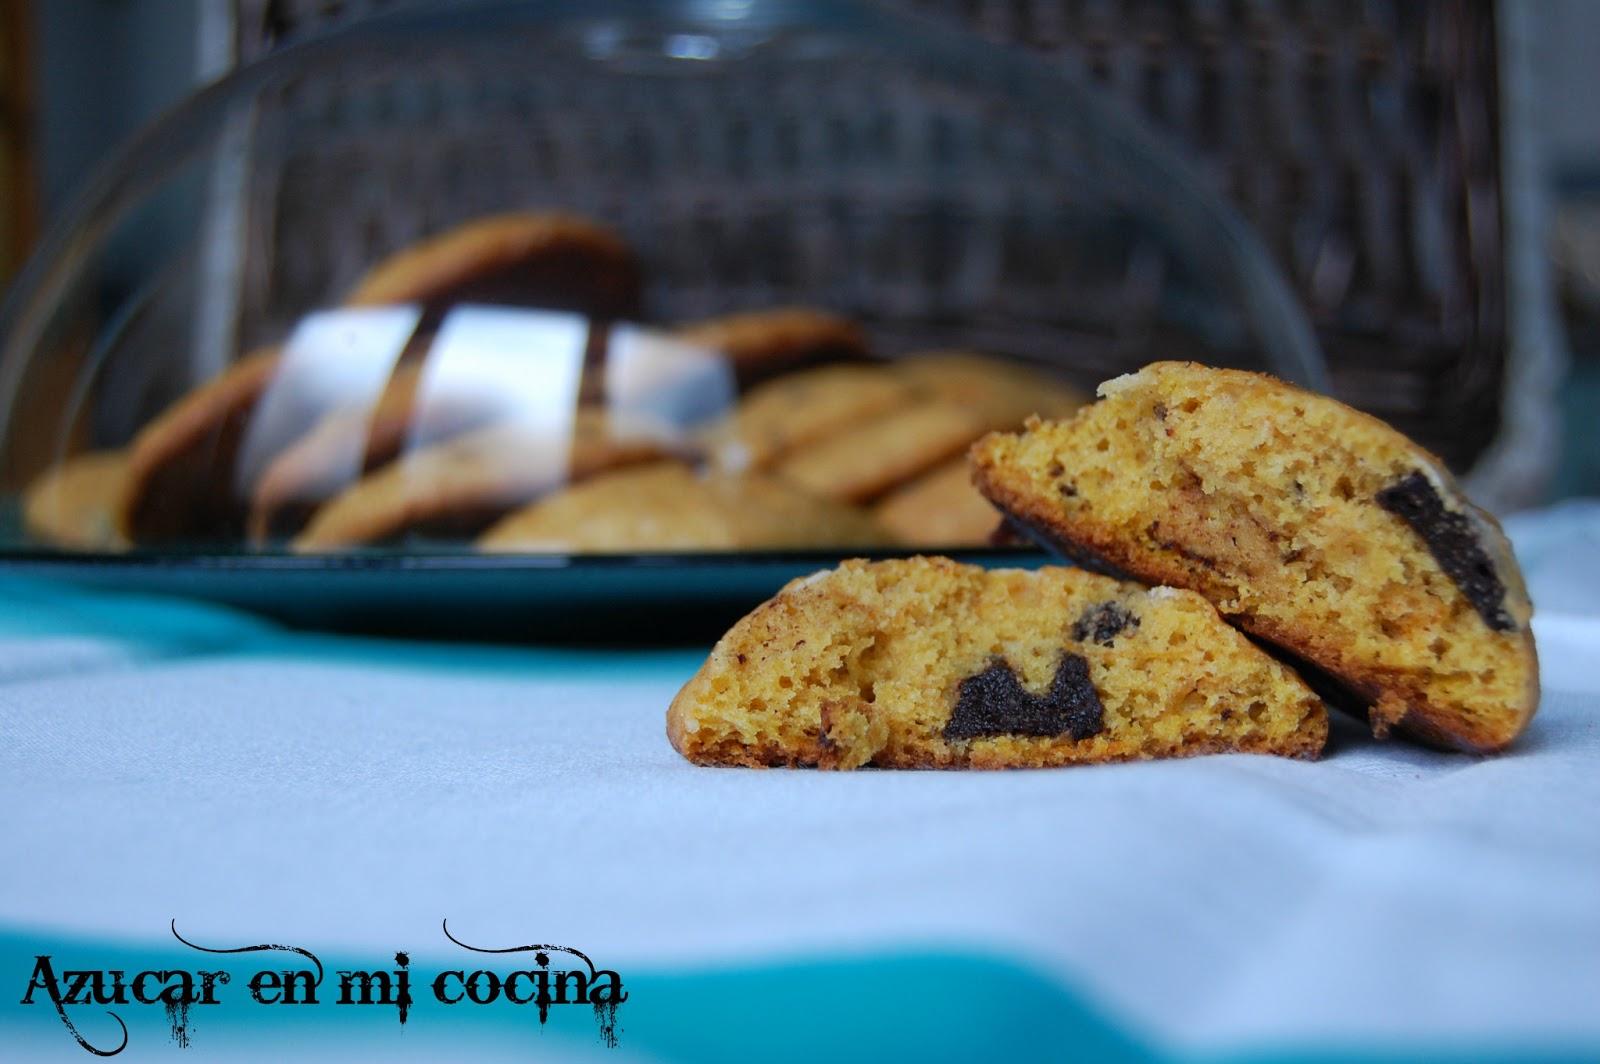 http://azucarenmicocina.blogspot.com.es/2013/04/galletas-abizcochadas-de-calabaza-y.html